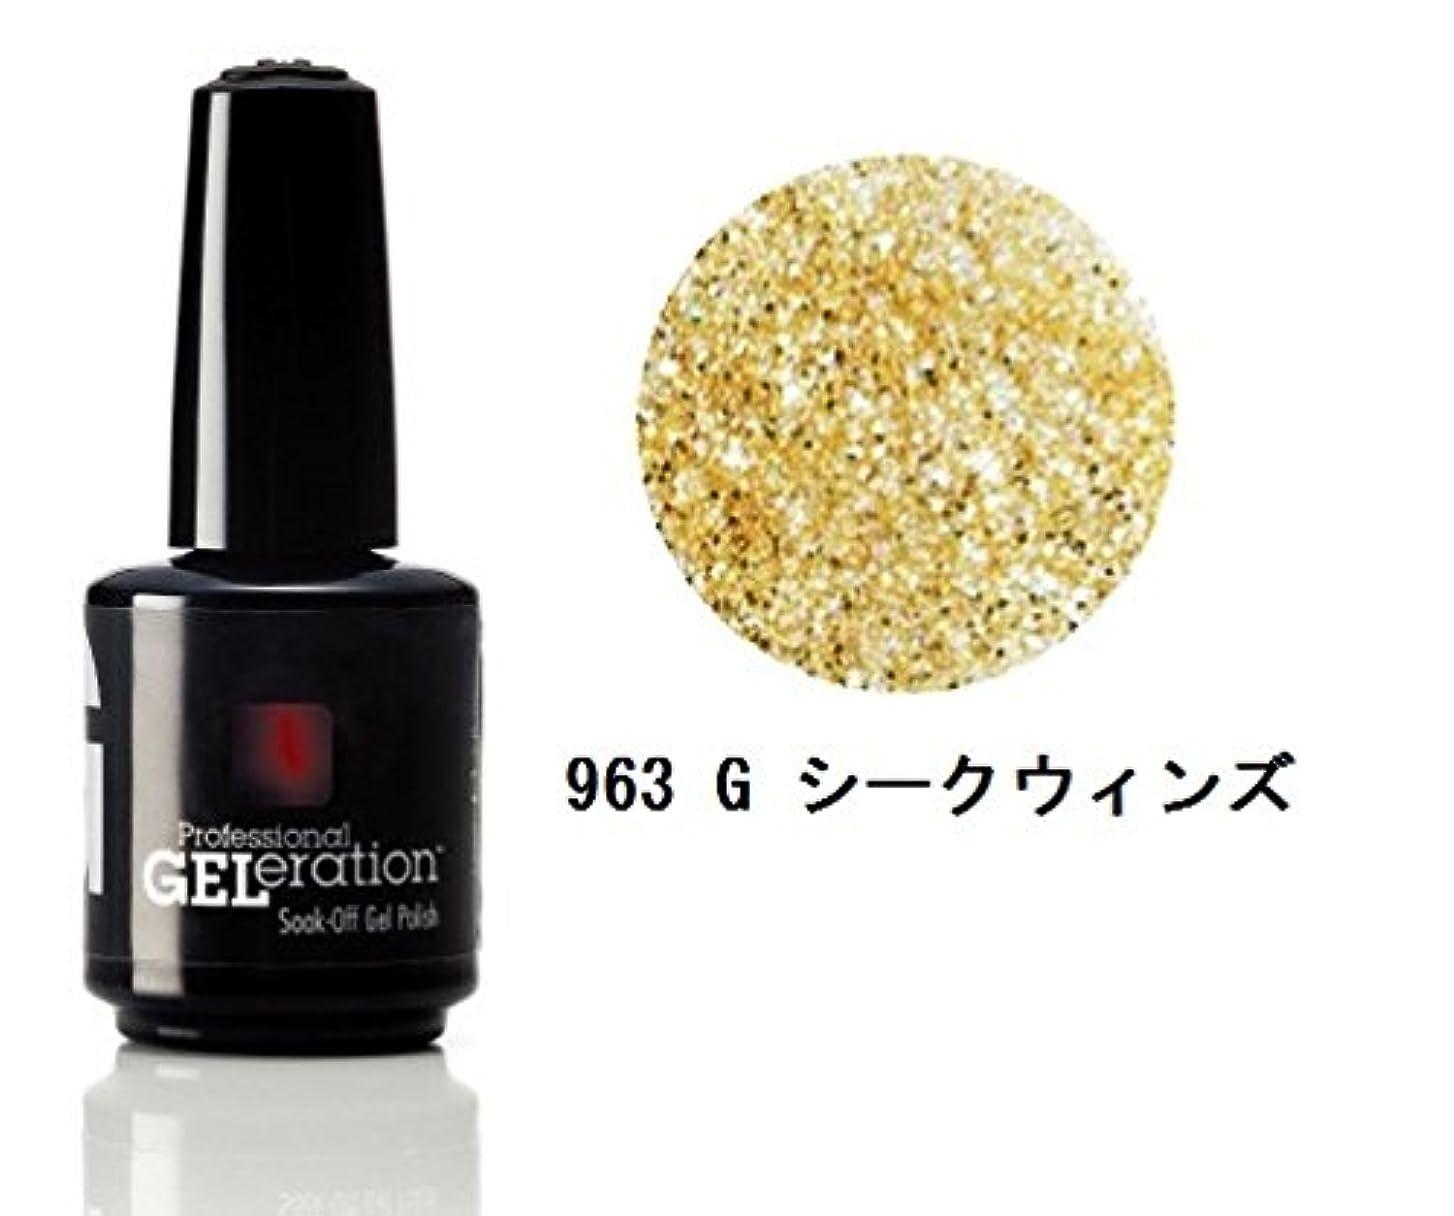 アピール邪悪な王女ジェシカ ジェレレーション カラー #963 G シークウィンズ 15ml